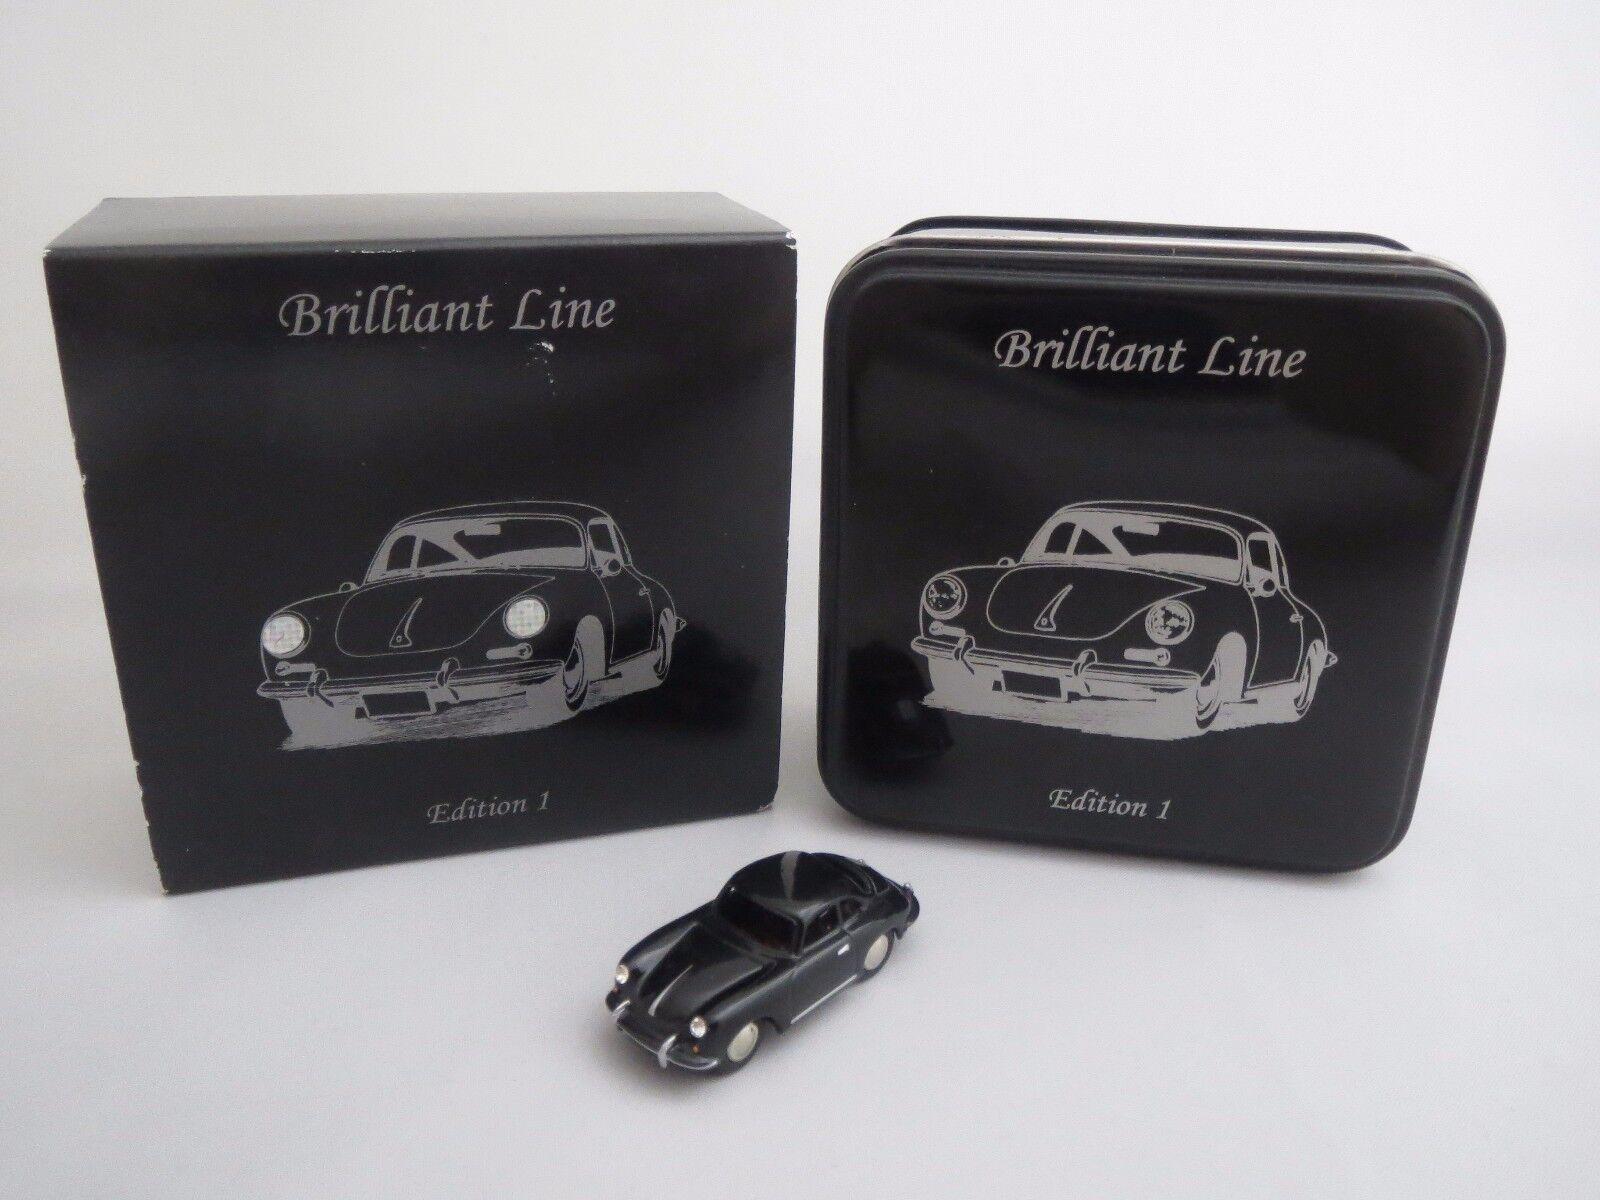 Bouèbe 06303 Brilliant Line  Porsche 356b Coupè  1 87 NEUF dans sa boîte  (1)